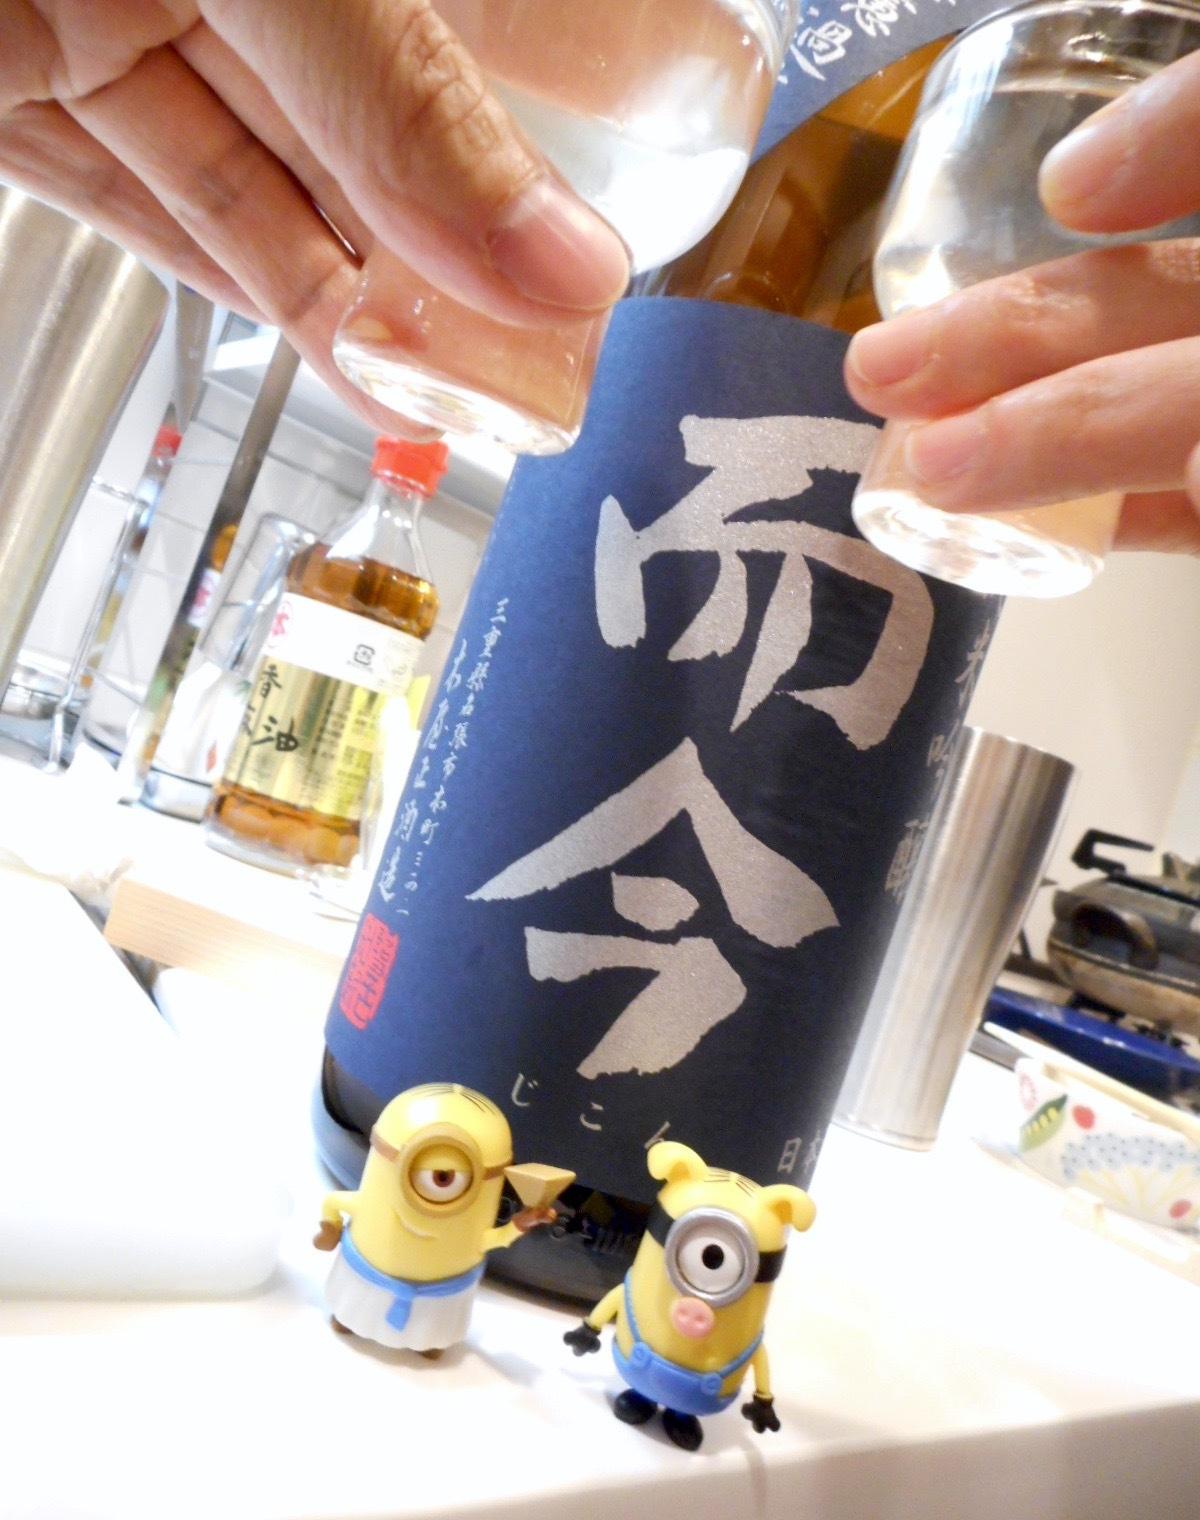 jikon_sakemirai28by1.jpg